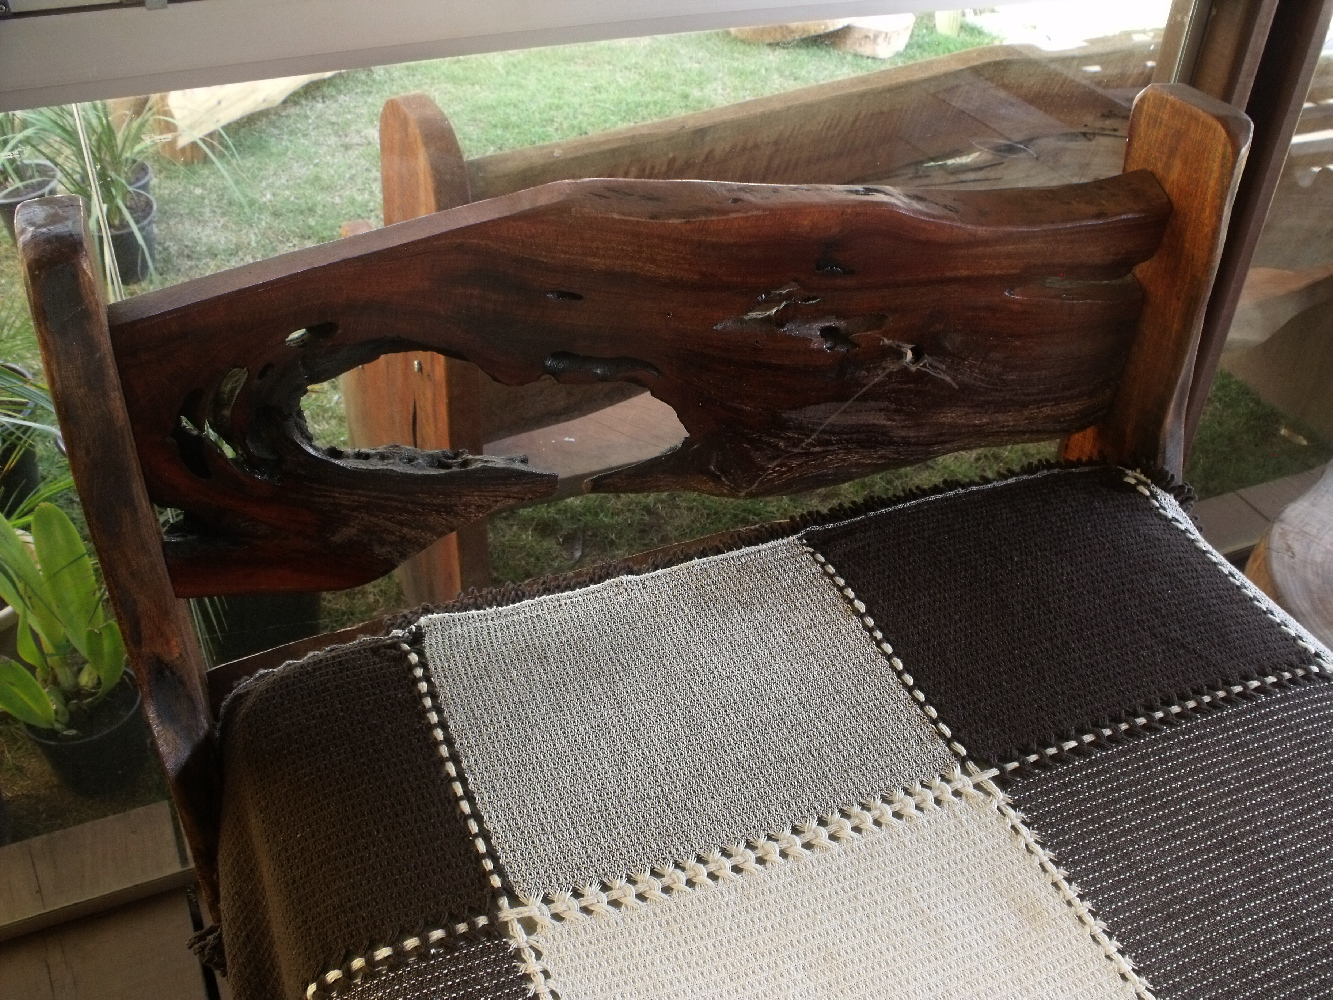 NATURART a arte em móveis rústicos: Fevereiro 2011 #4C601F 1333x1000